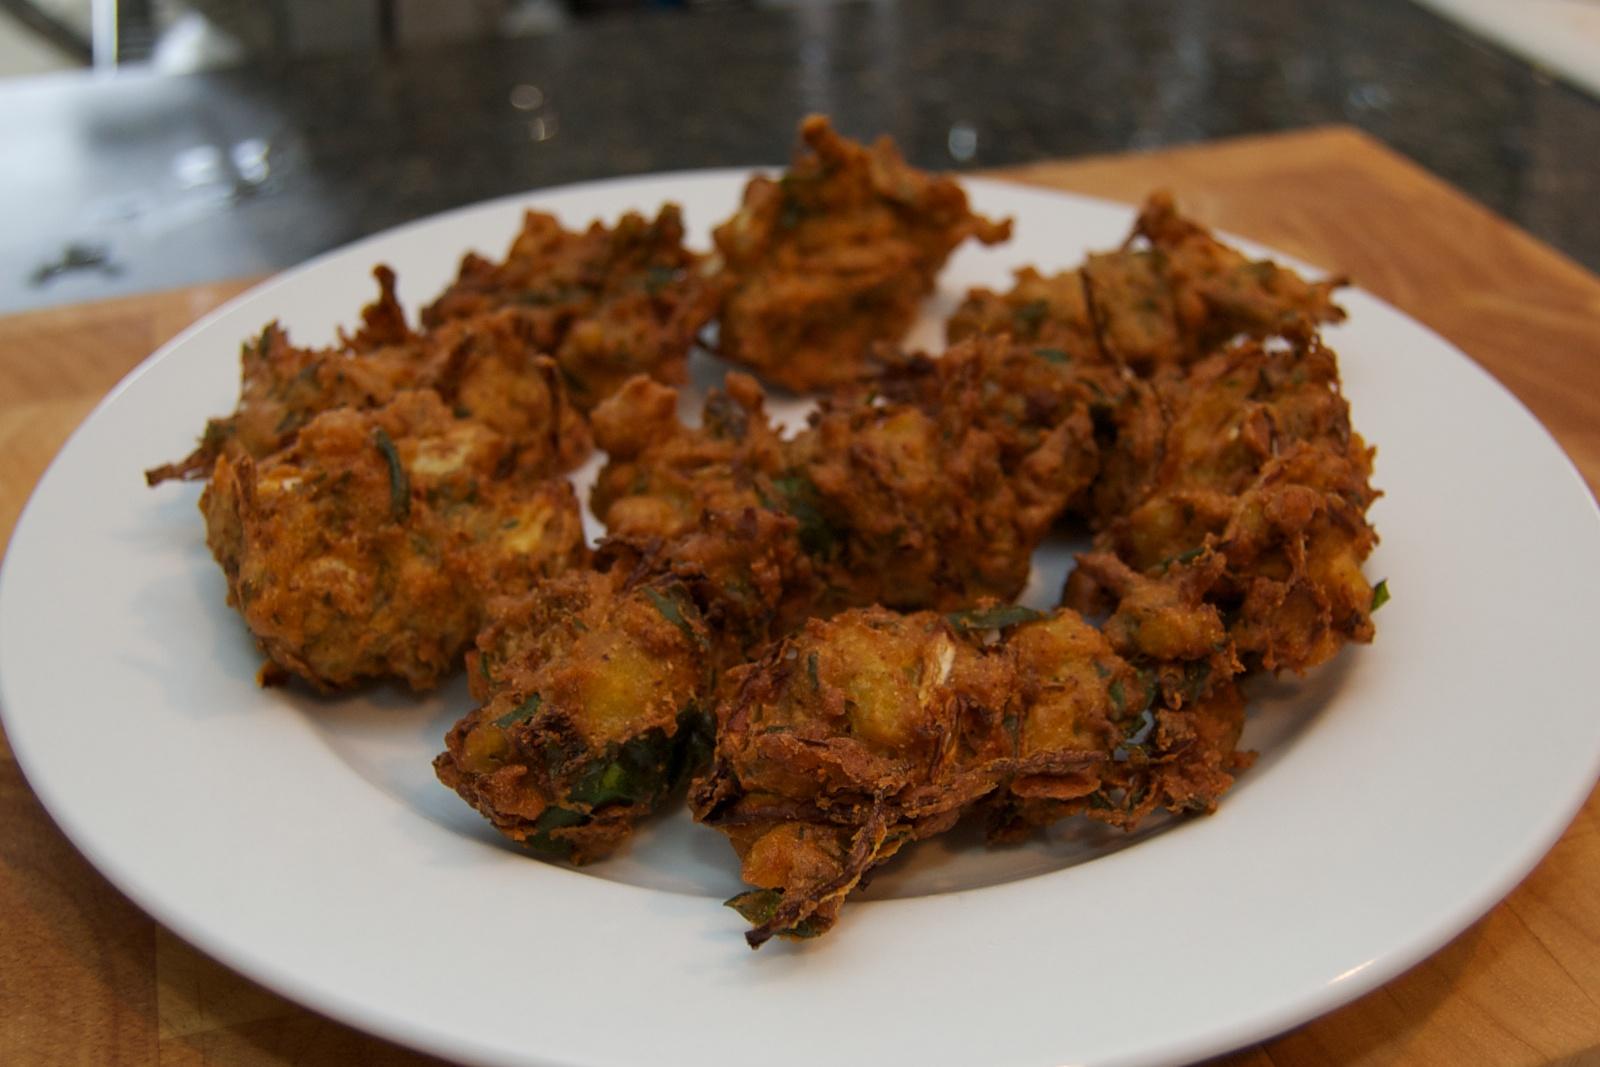 http://blog.rickk.com/food/2010/09/24/vegpakora4.jpg